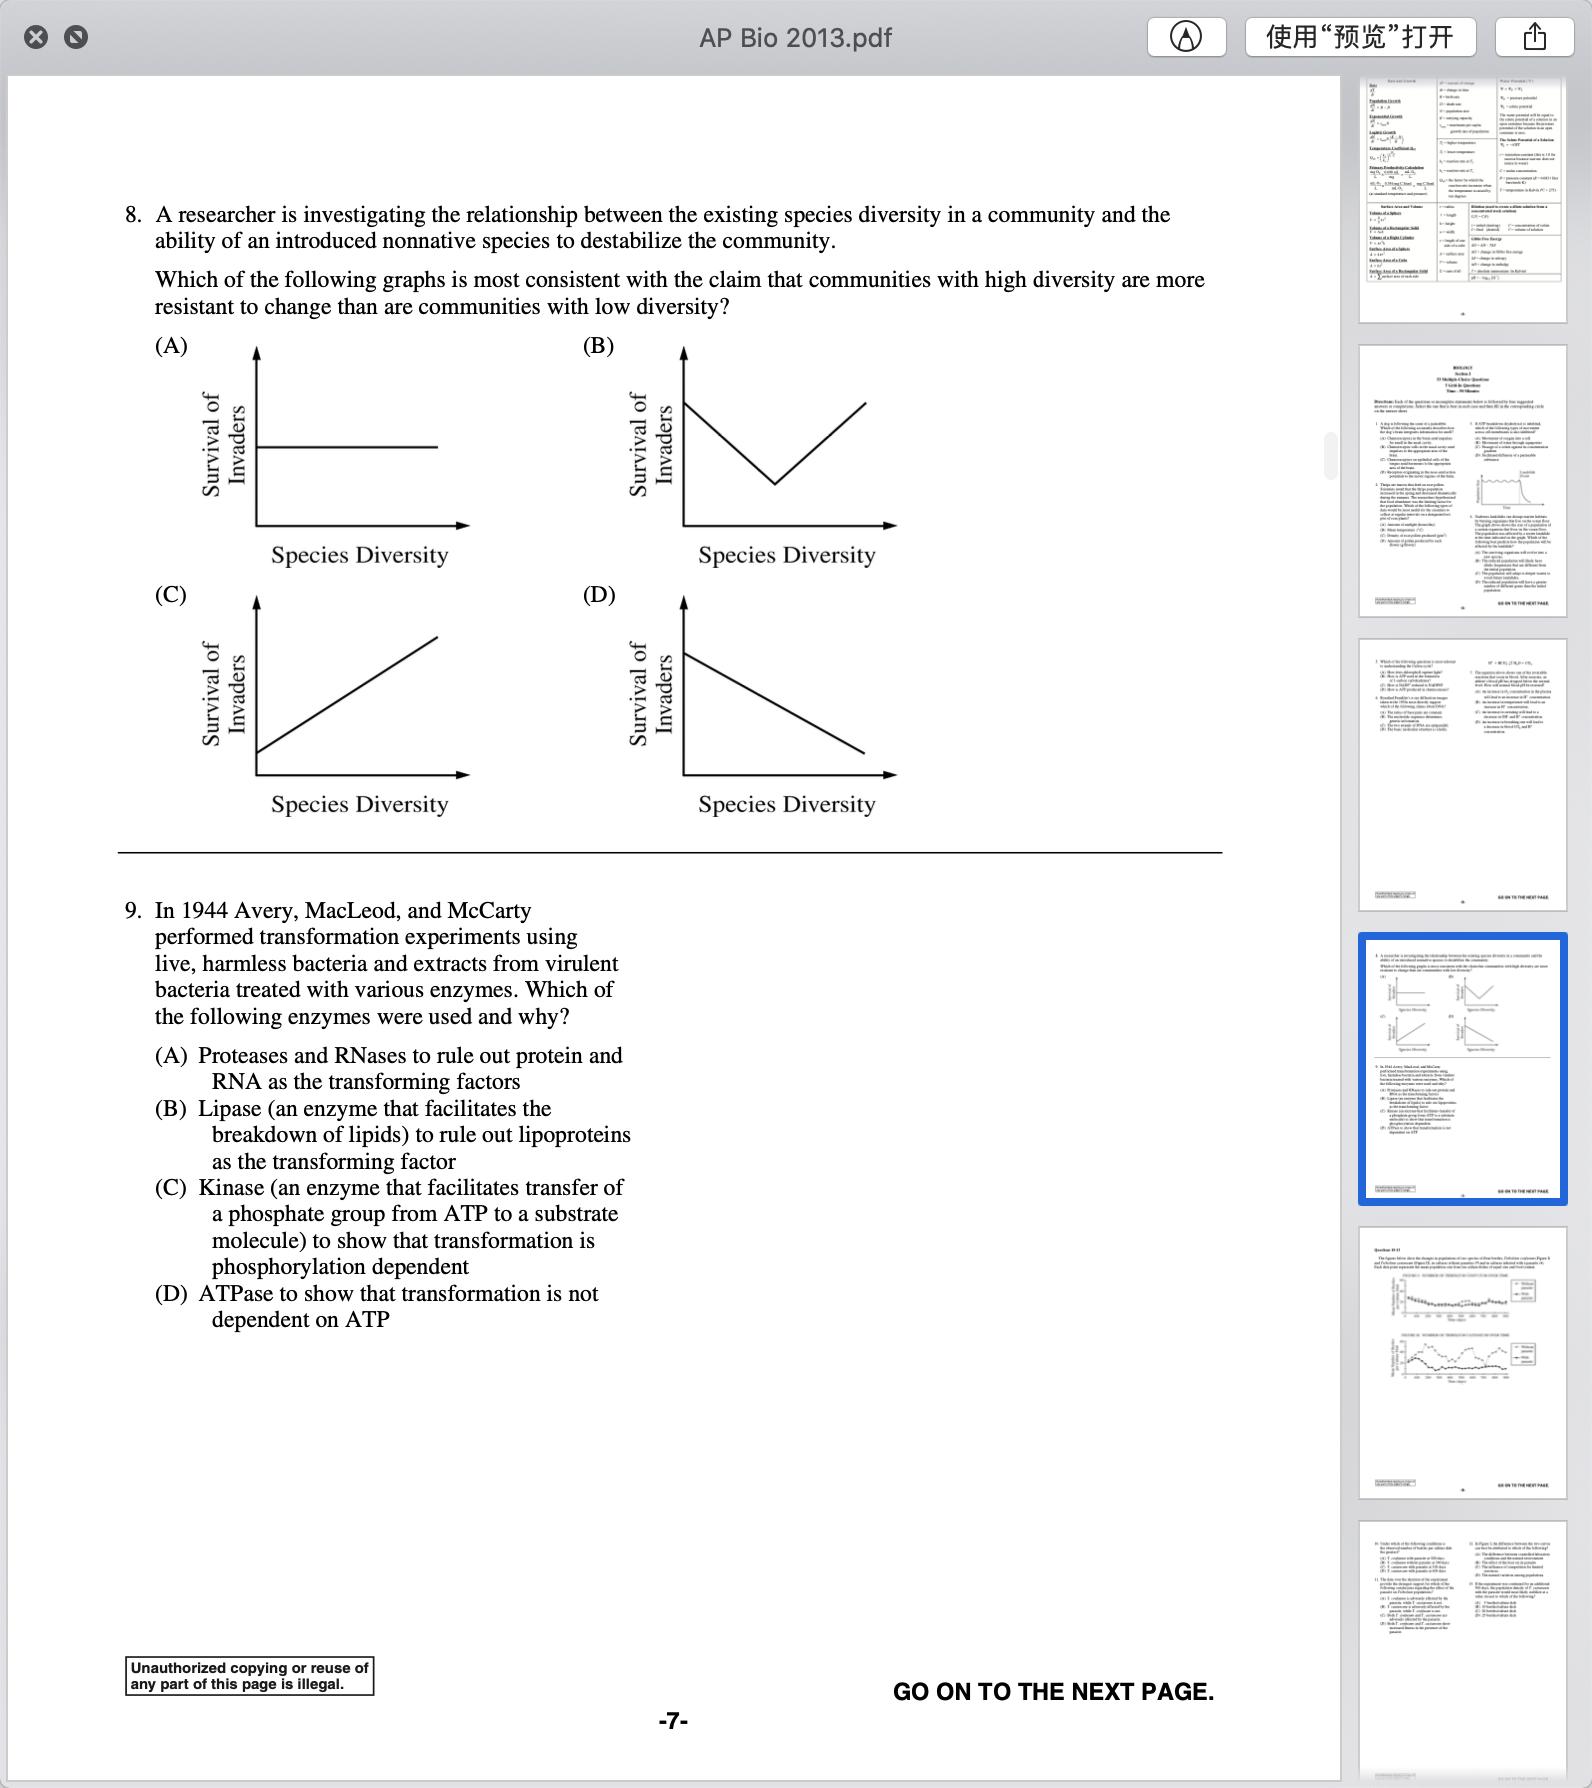 2013年AP生物真题PDF下载-选择题下载